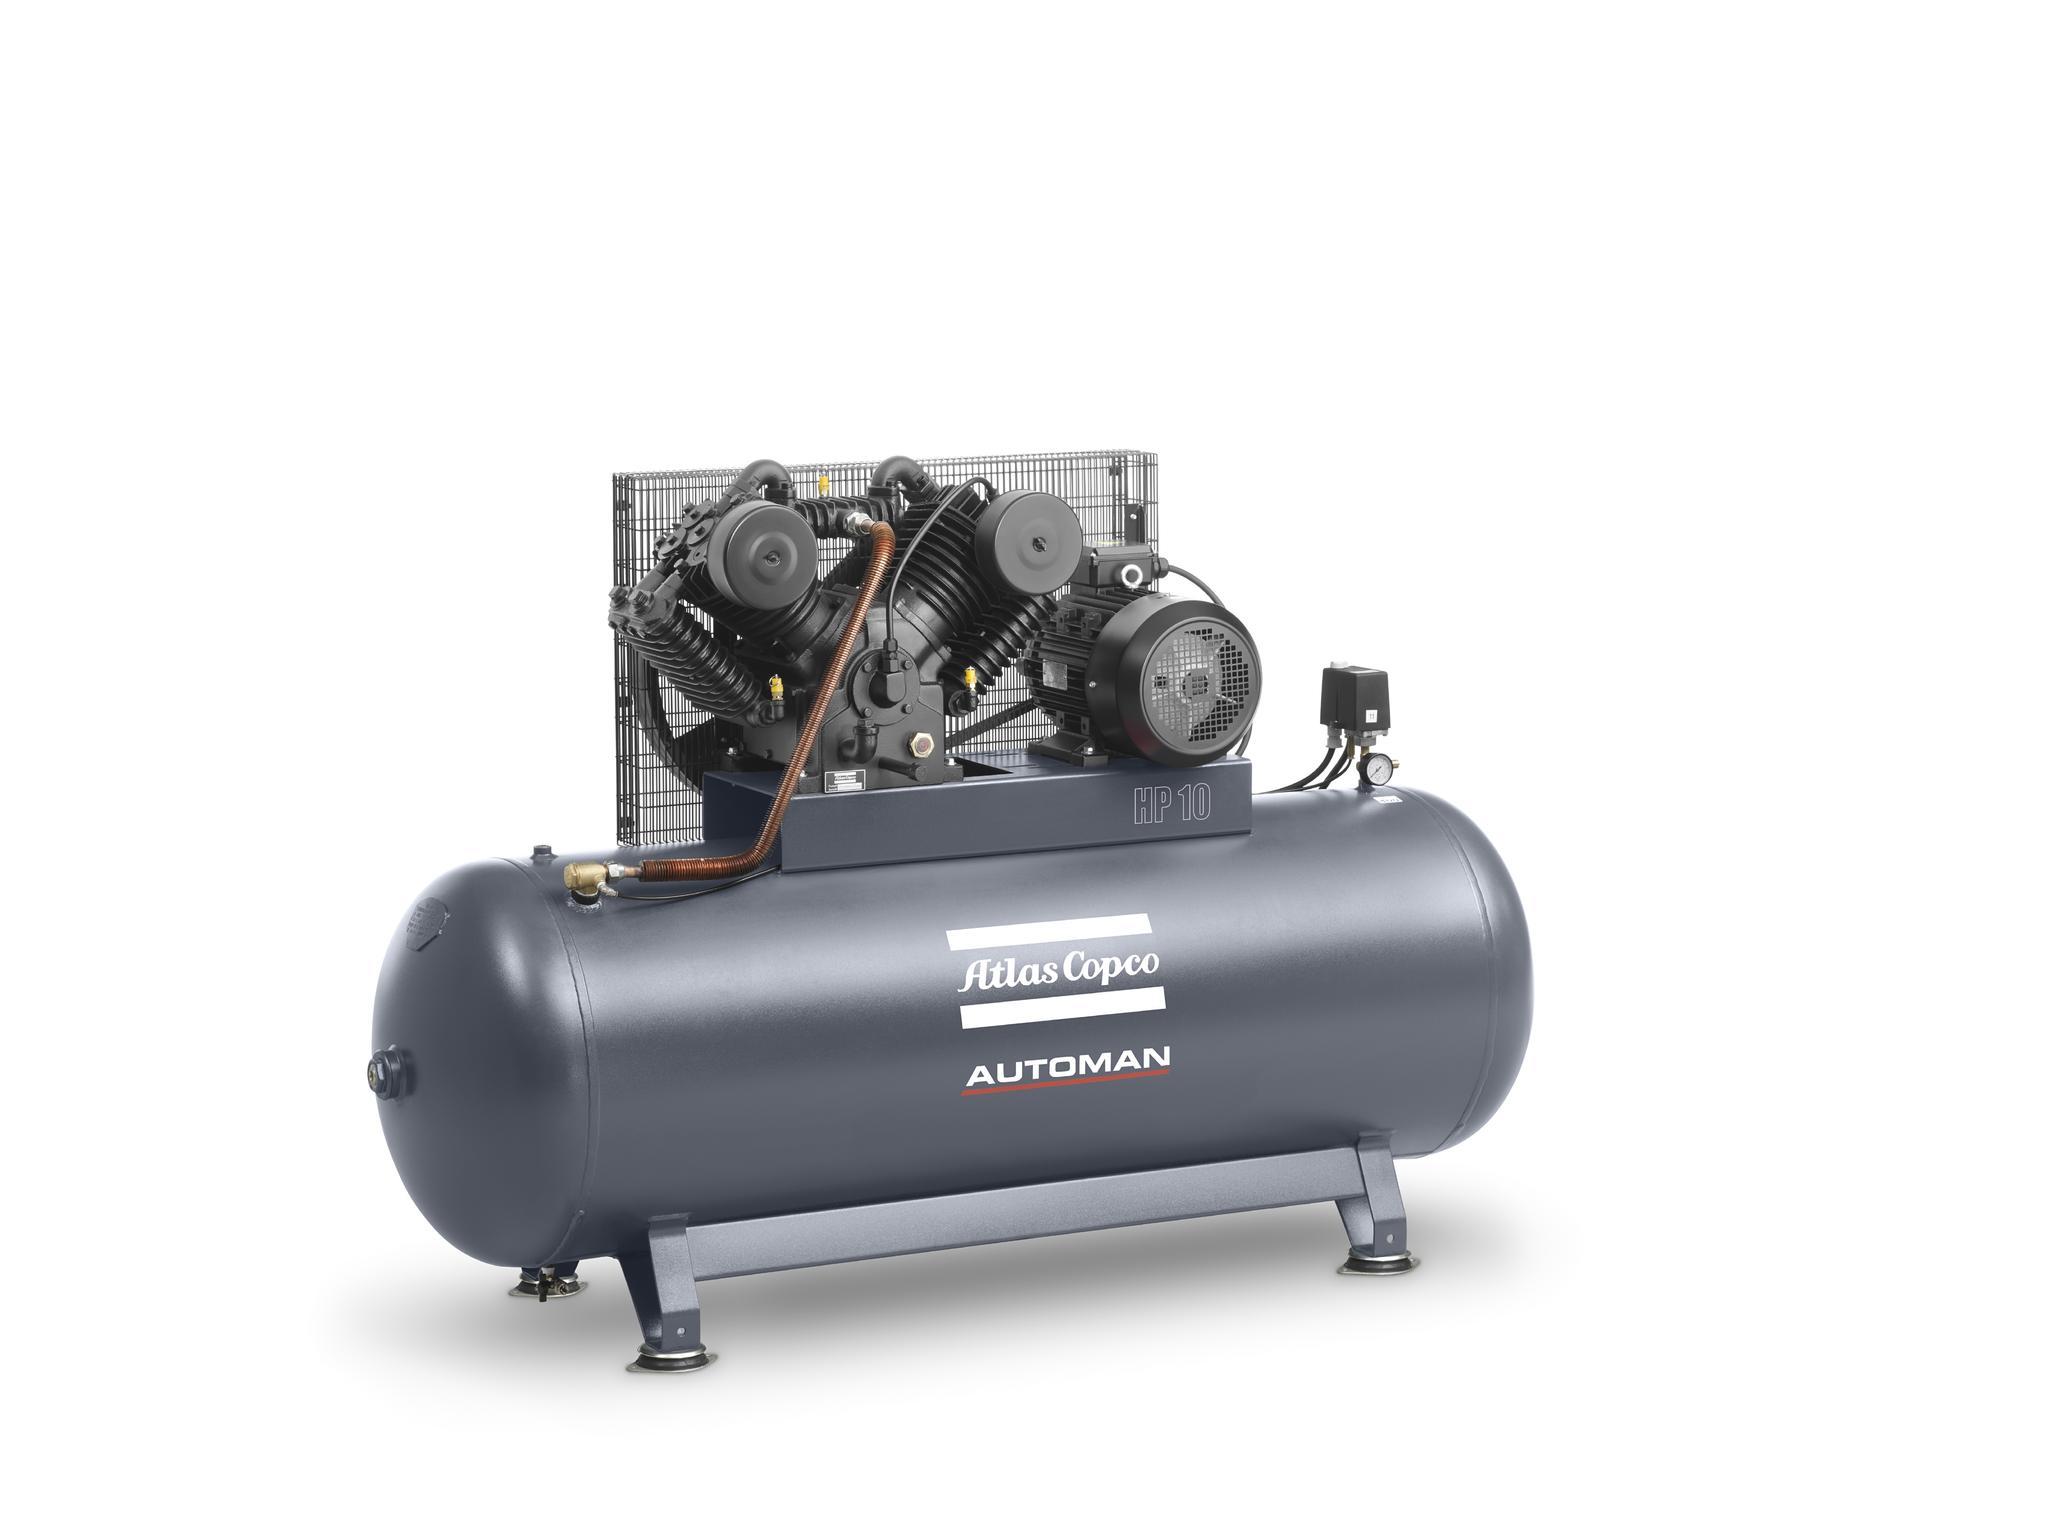 Atlas Copco 10 hp Cast Iron Piston Air Compressor with 270L Vessel - 11 bar